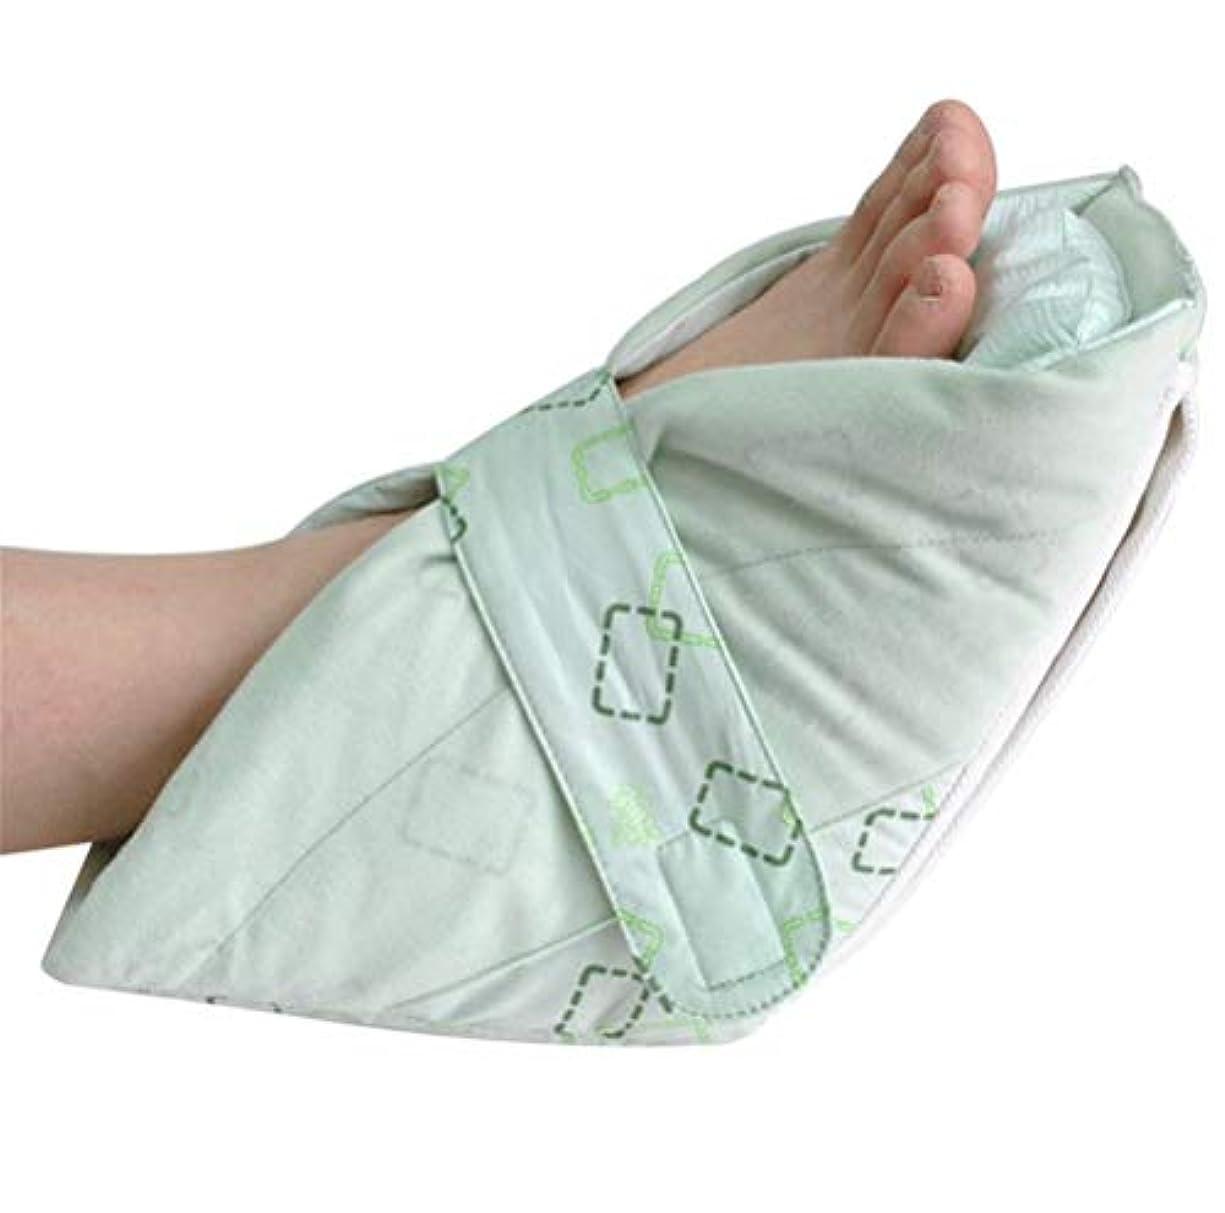 多用途ドレイントマトヒールプロテクター枕、プレミアム圧力軽減フット補正カバー、極細コットン生地、インナークッションは分離可能、グリーン、1ペア